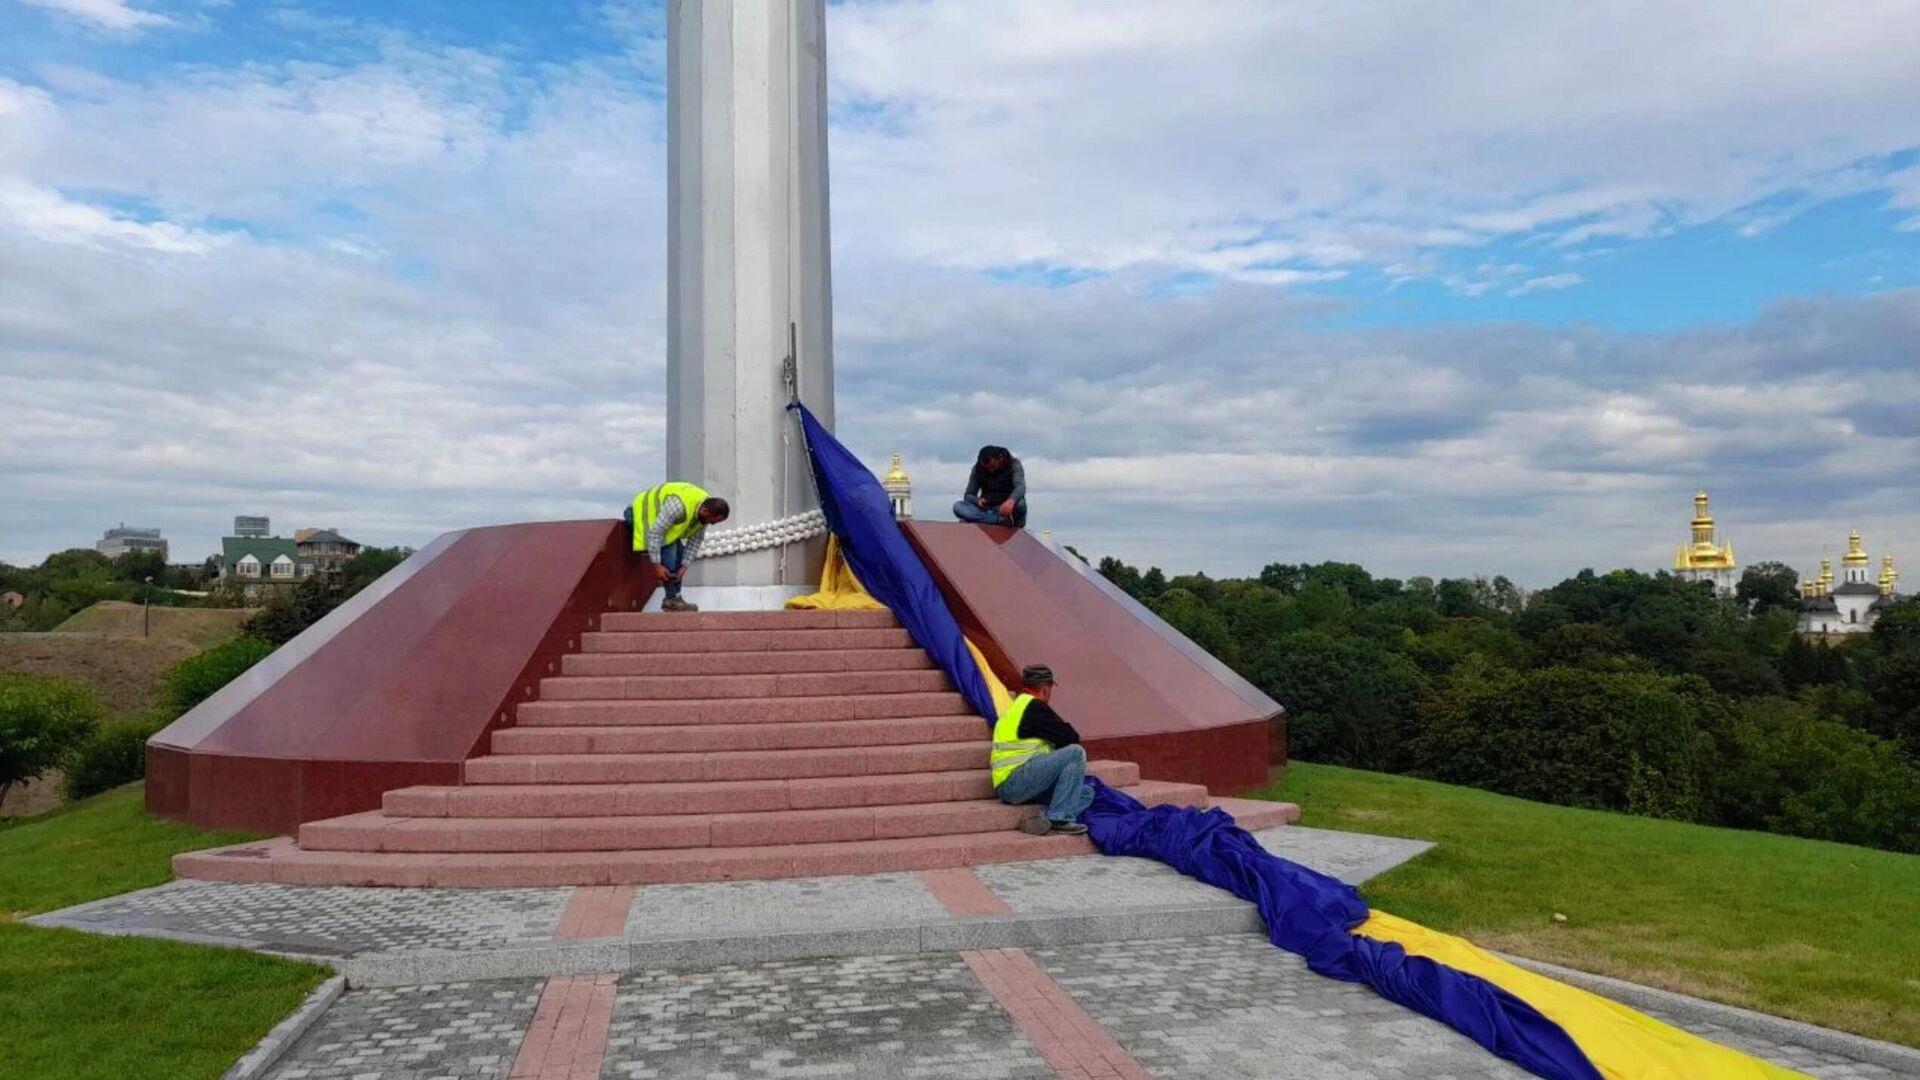 Сотрудники коммунальных служб снимают самый большой флаг Украины в Киеве - РИА Новости, 1920, 03.09.2021